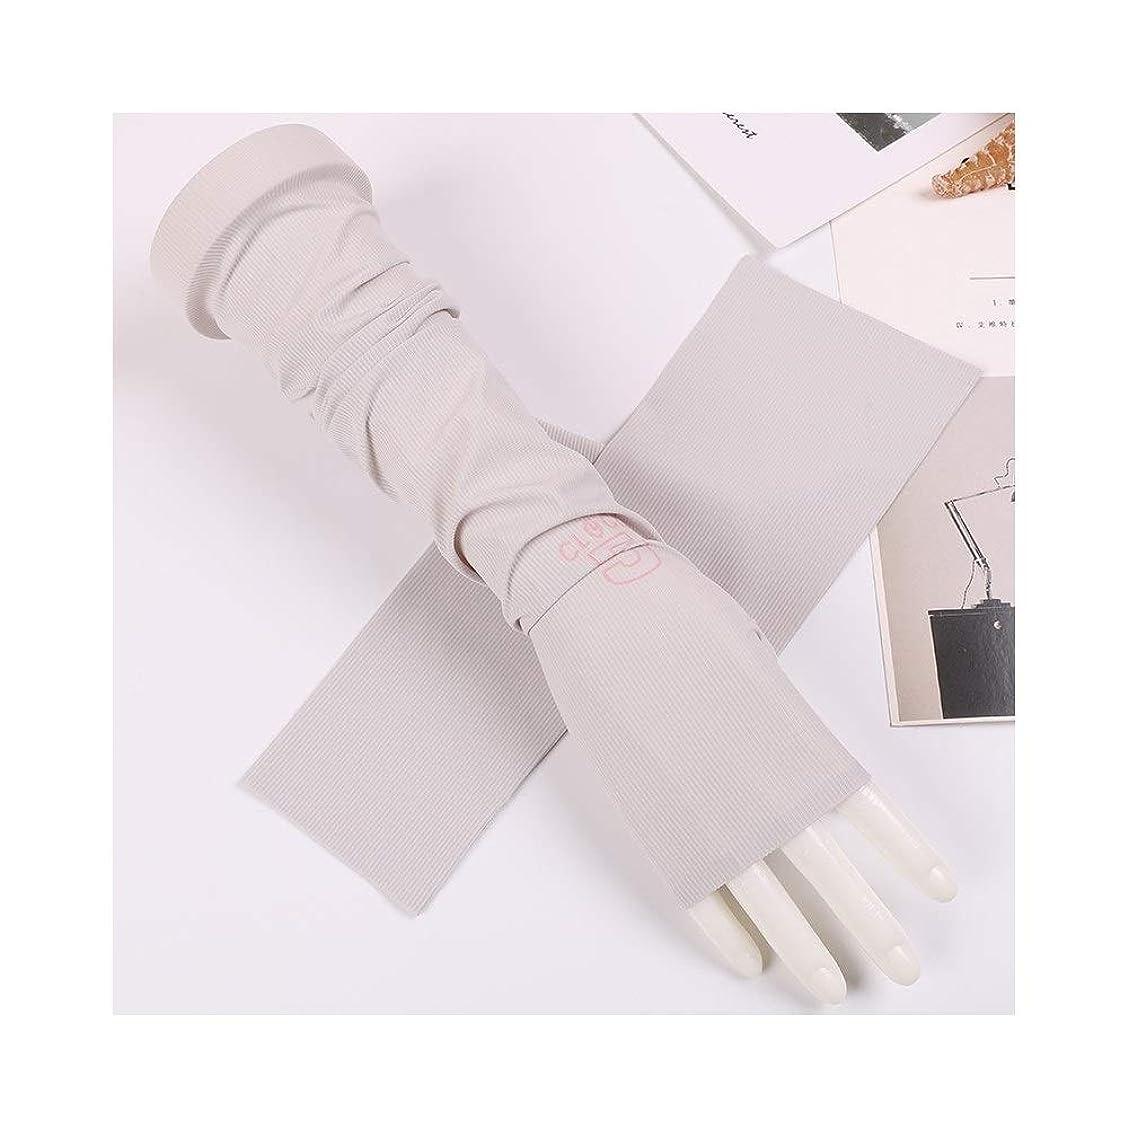 プロジェクターネクタイ参加者UVカット 手袋 アンチUVスリーブシンアイススリーブアームバンドサマーサンスクリーングローブ 紫外線対策 グローブ (Color : Gray, Size : One size-Five pairs)